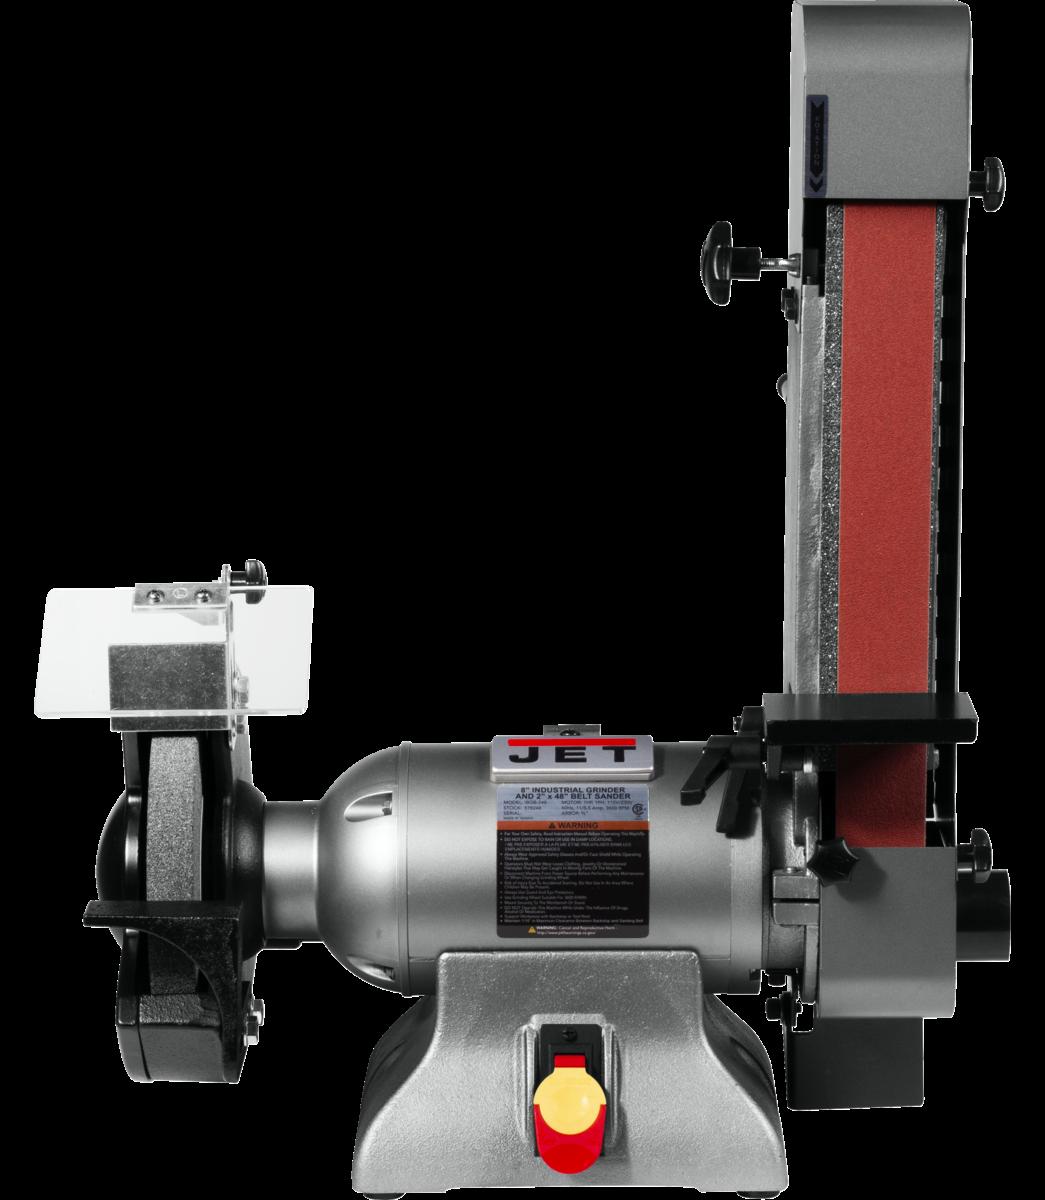 IBGB-248 8-Inch Industrial Grinder and  2 x 48 Belt Sander